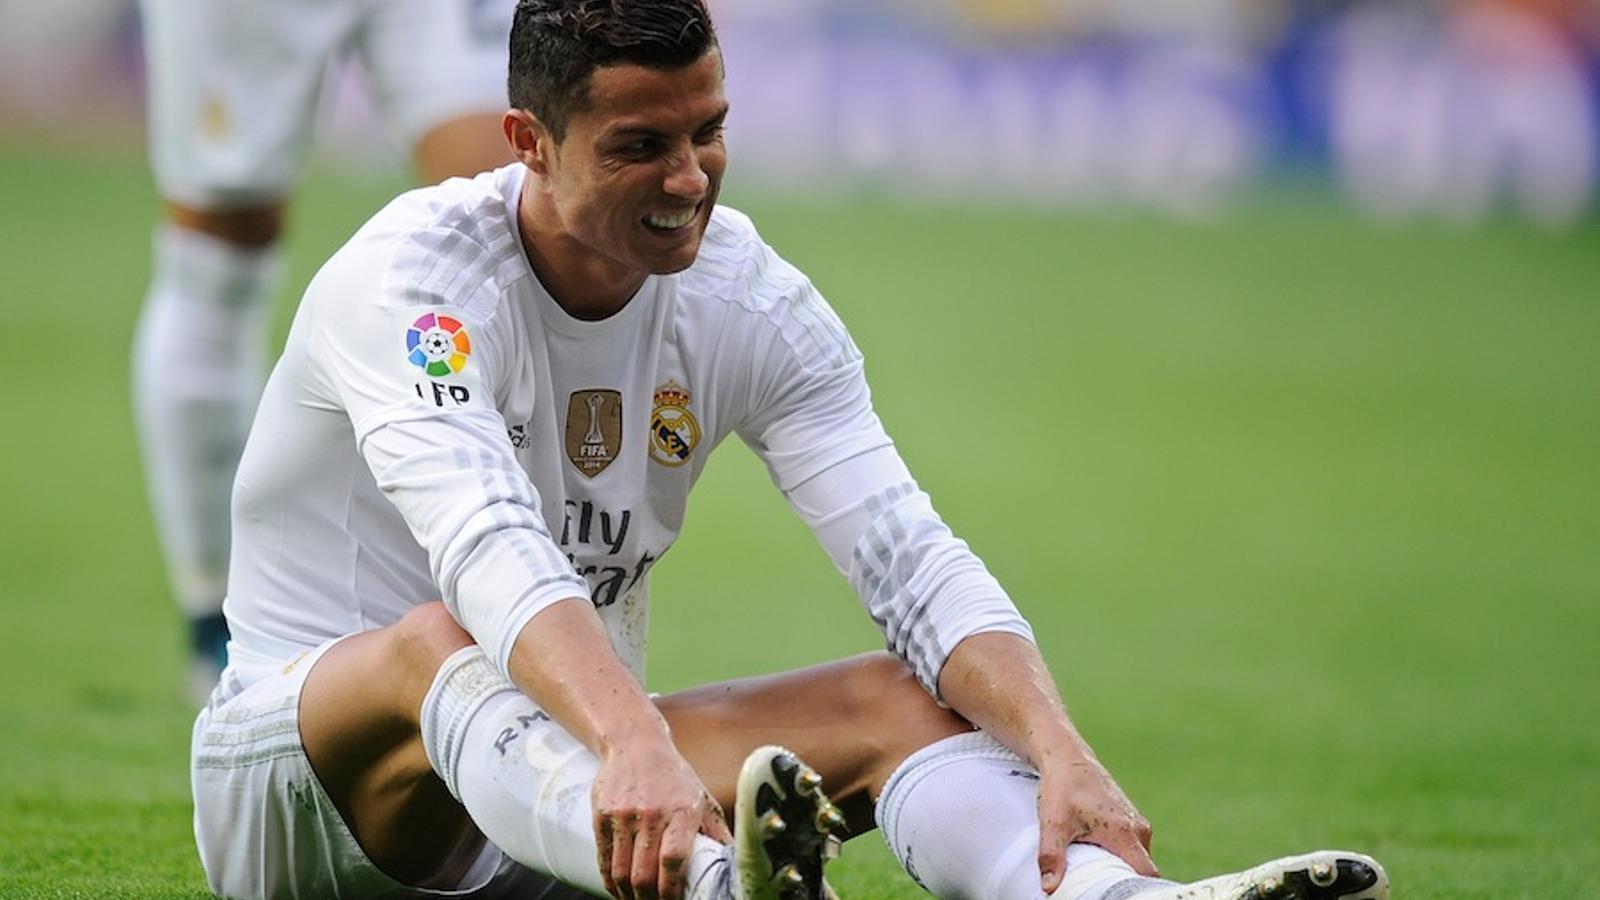 L'Audiència de Madrid denega a Cristiano Ronaldo accedir pel pàrquing al judici